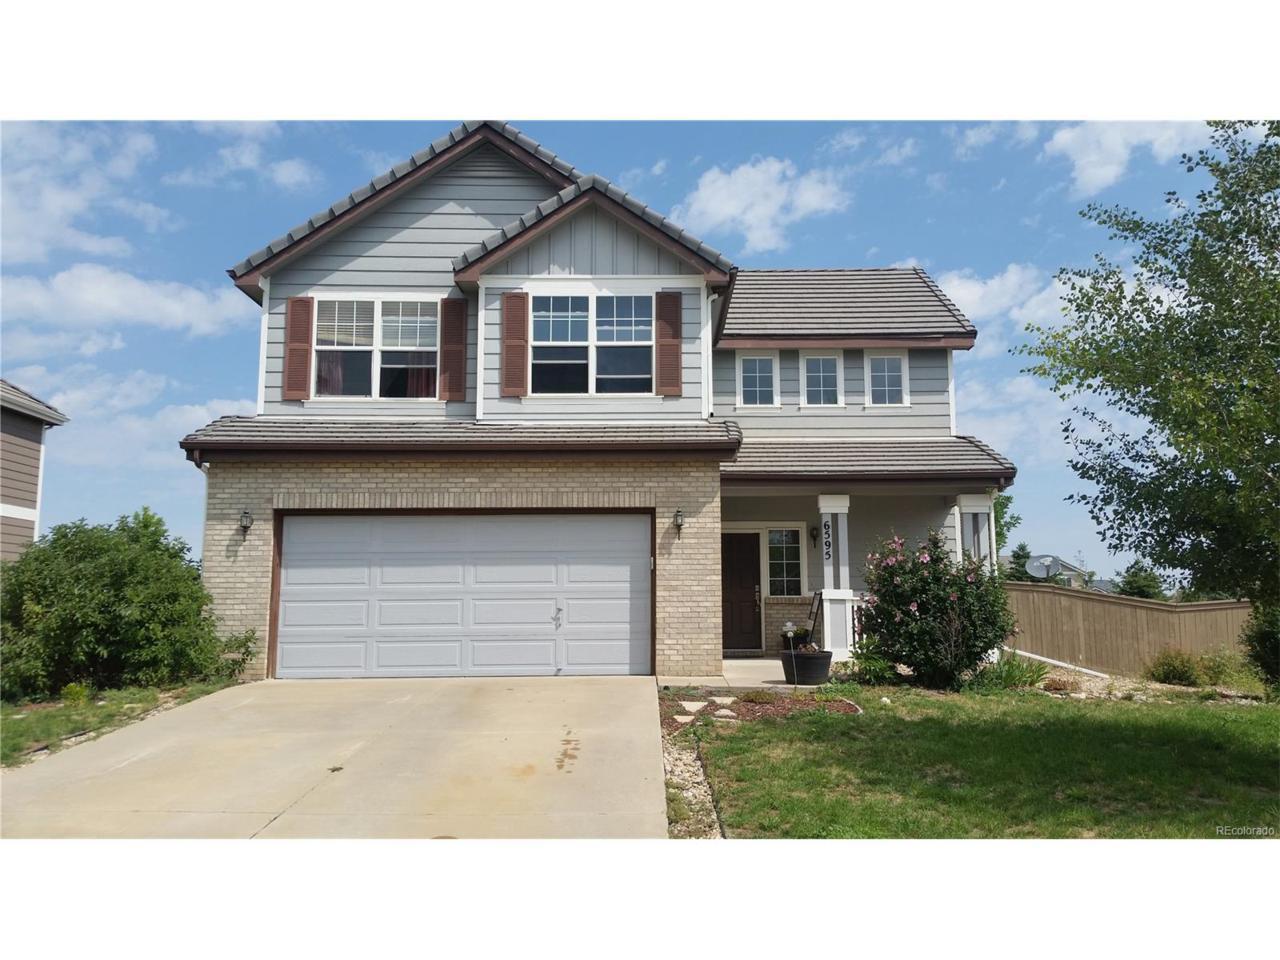 6595 Turnstone Avenue, Castle Rock, CO 80104 (MLS #4728429) :: 8z Real Estate